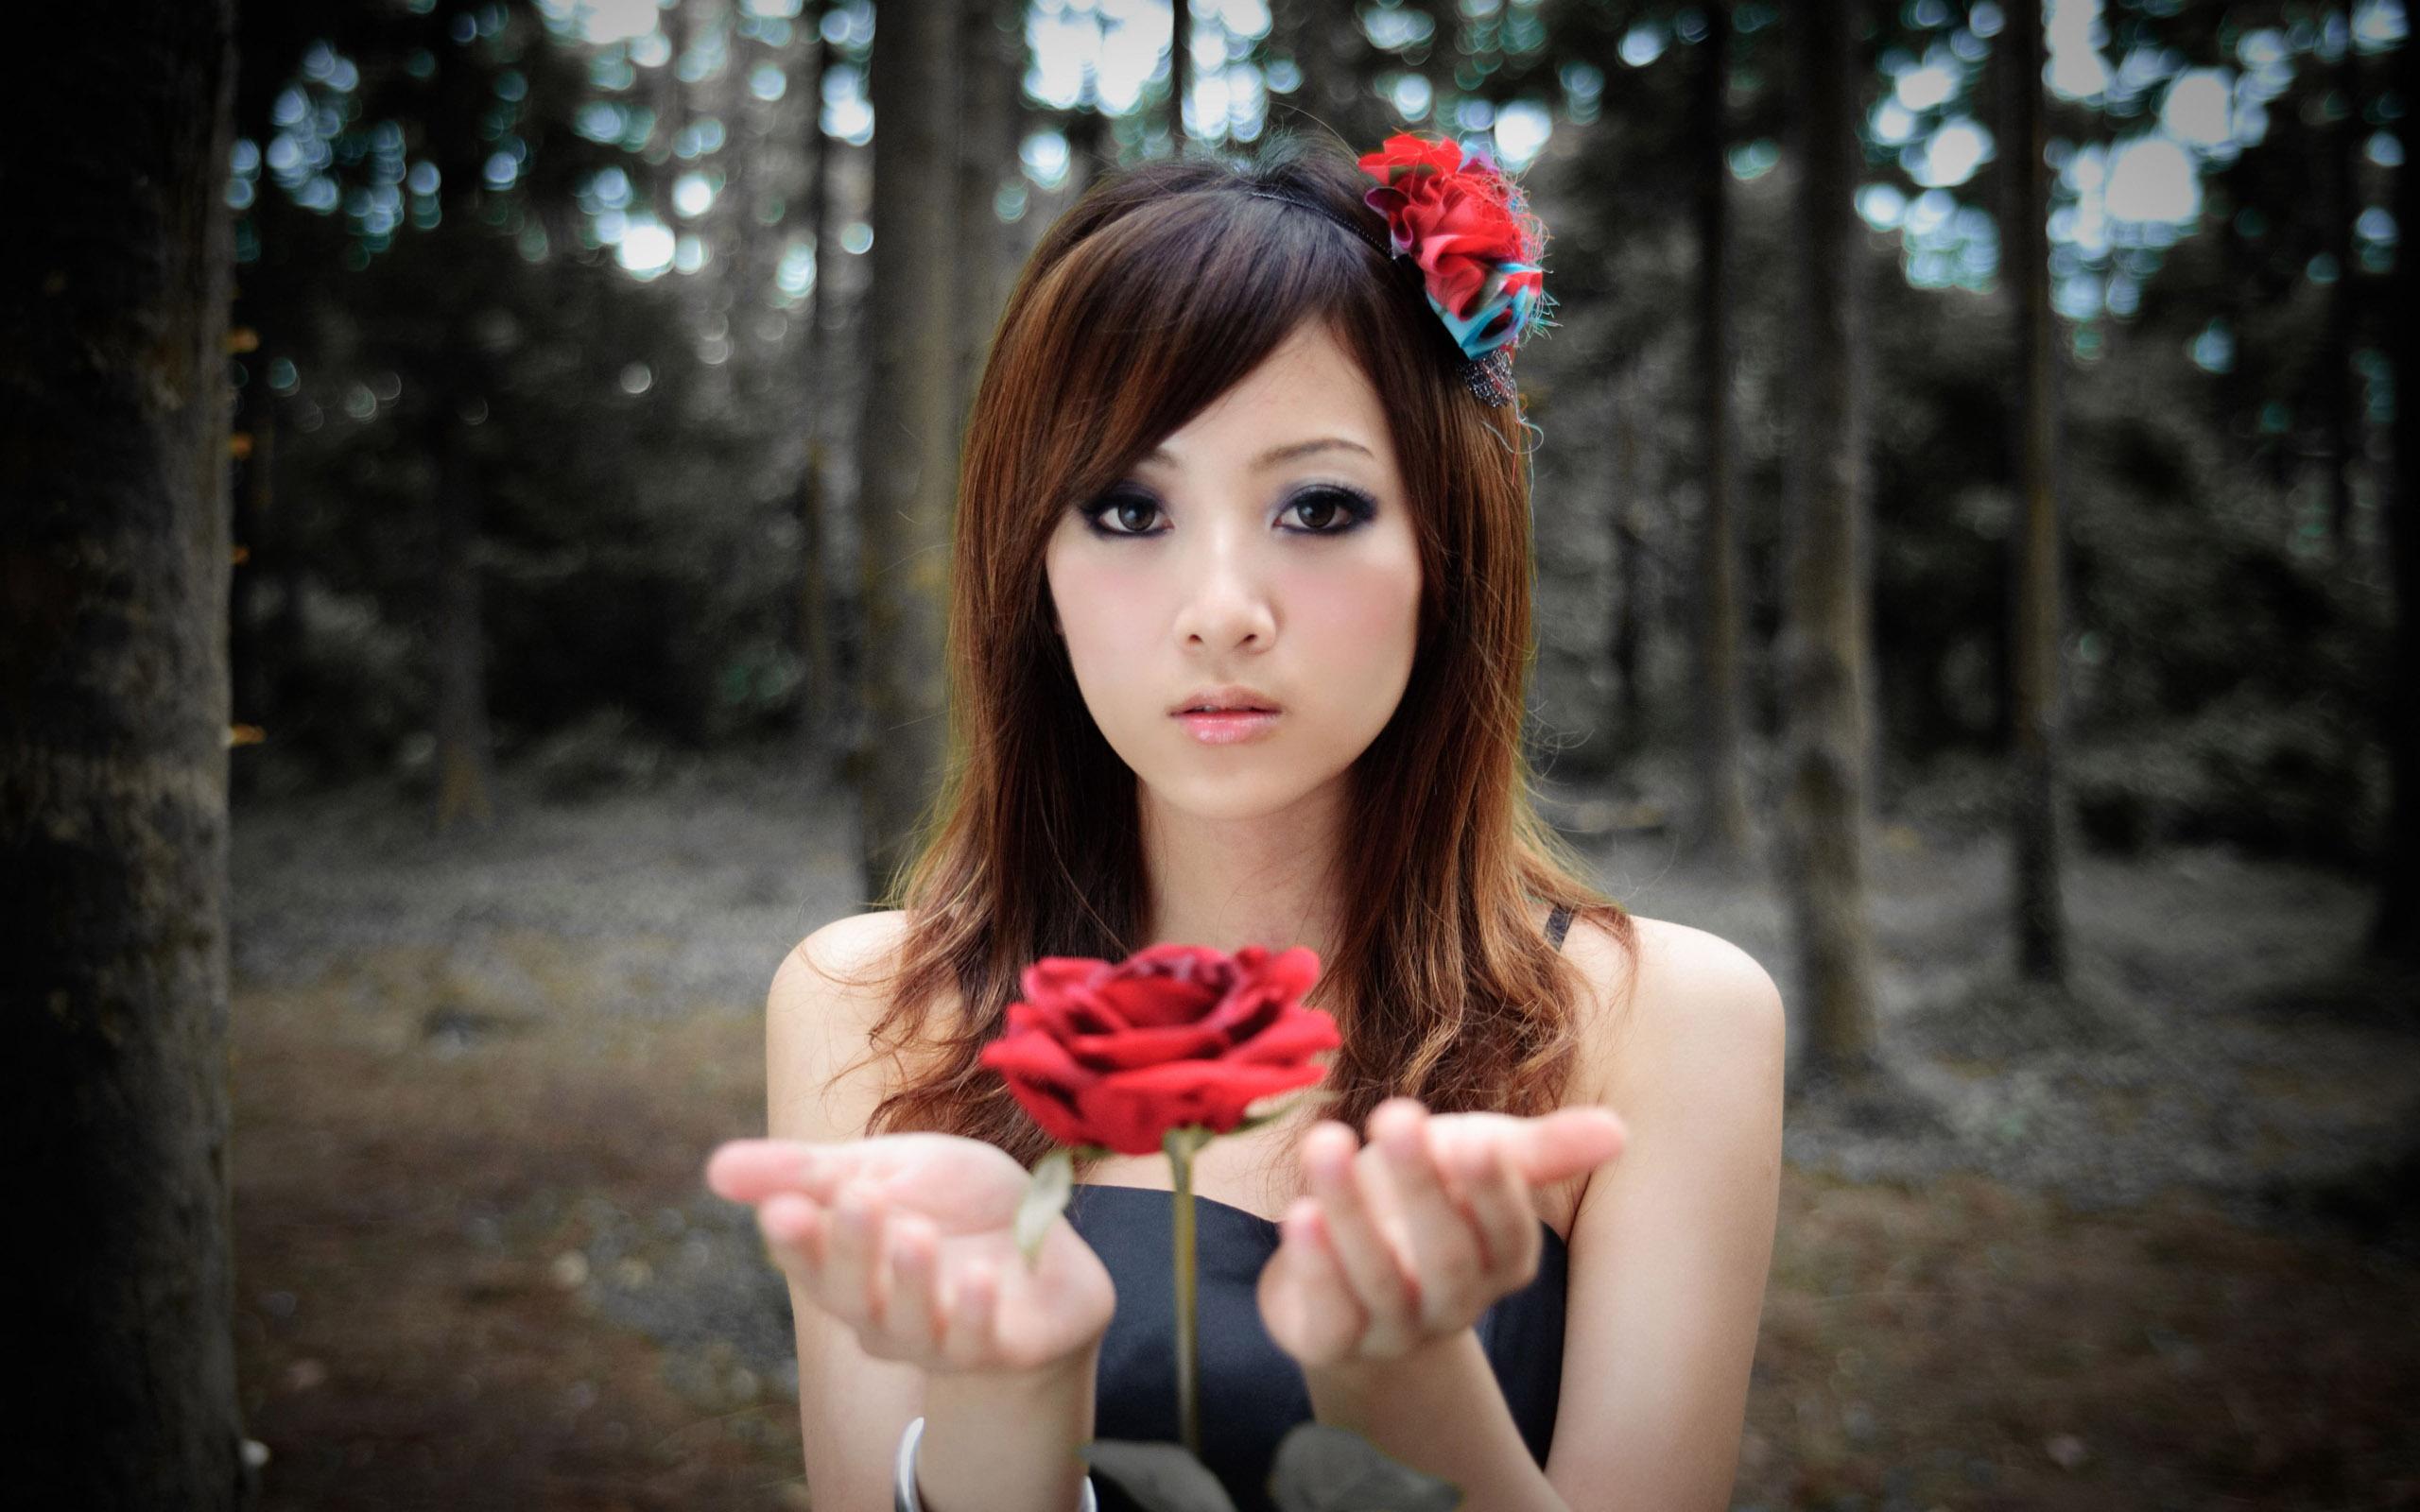 Una chica y una flor roja - 2560x1600